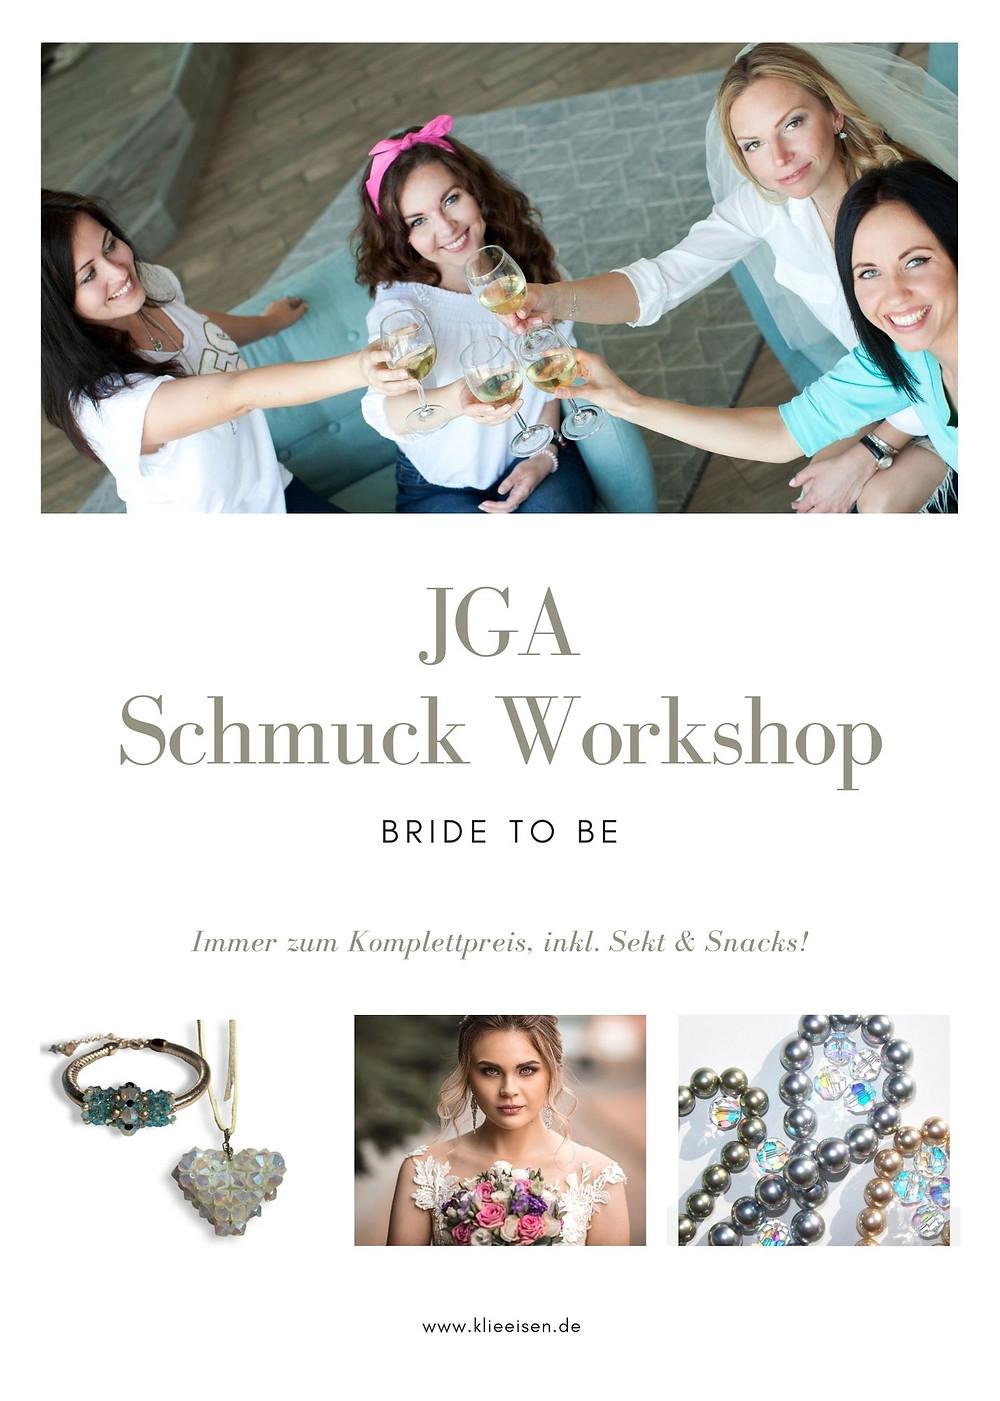 JGA Düsseldorf und Köln feiert in Bonn mit einem glamourösen und stilvollem Schmuck Workshop